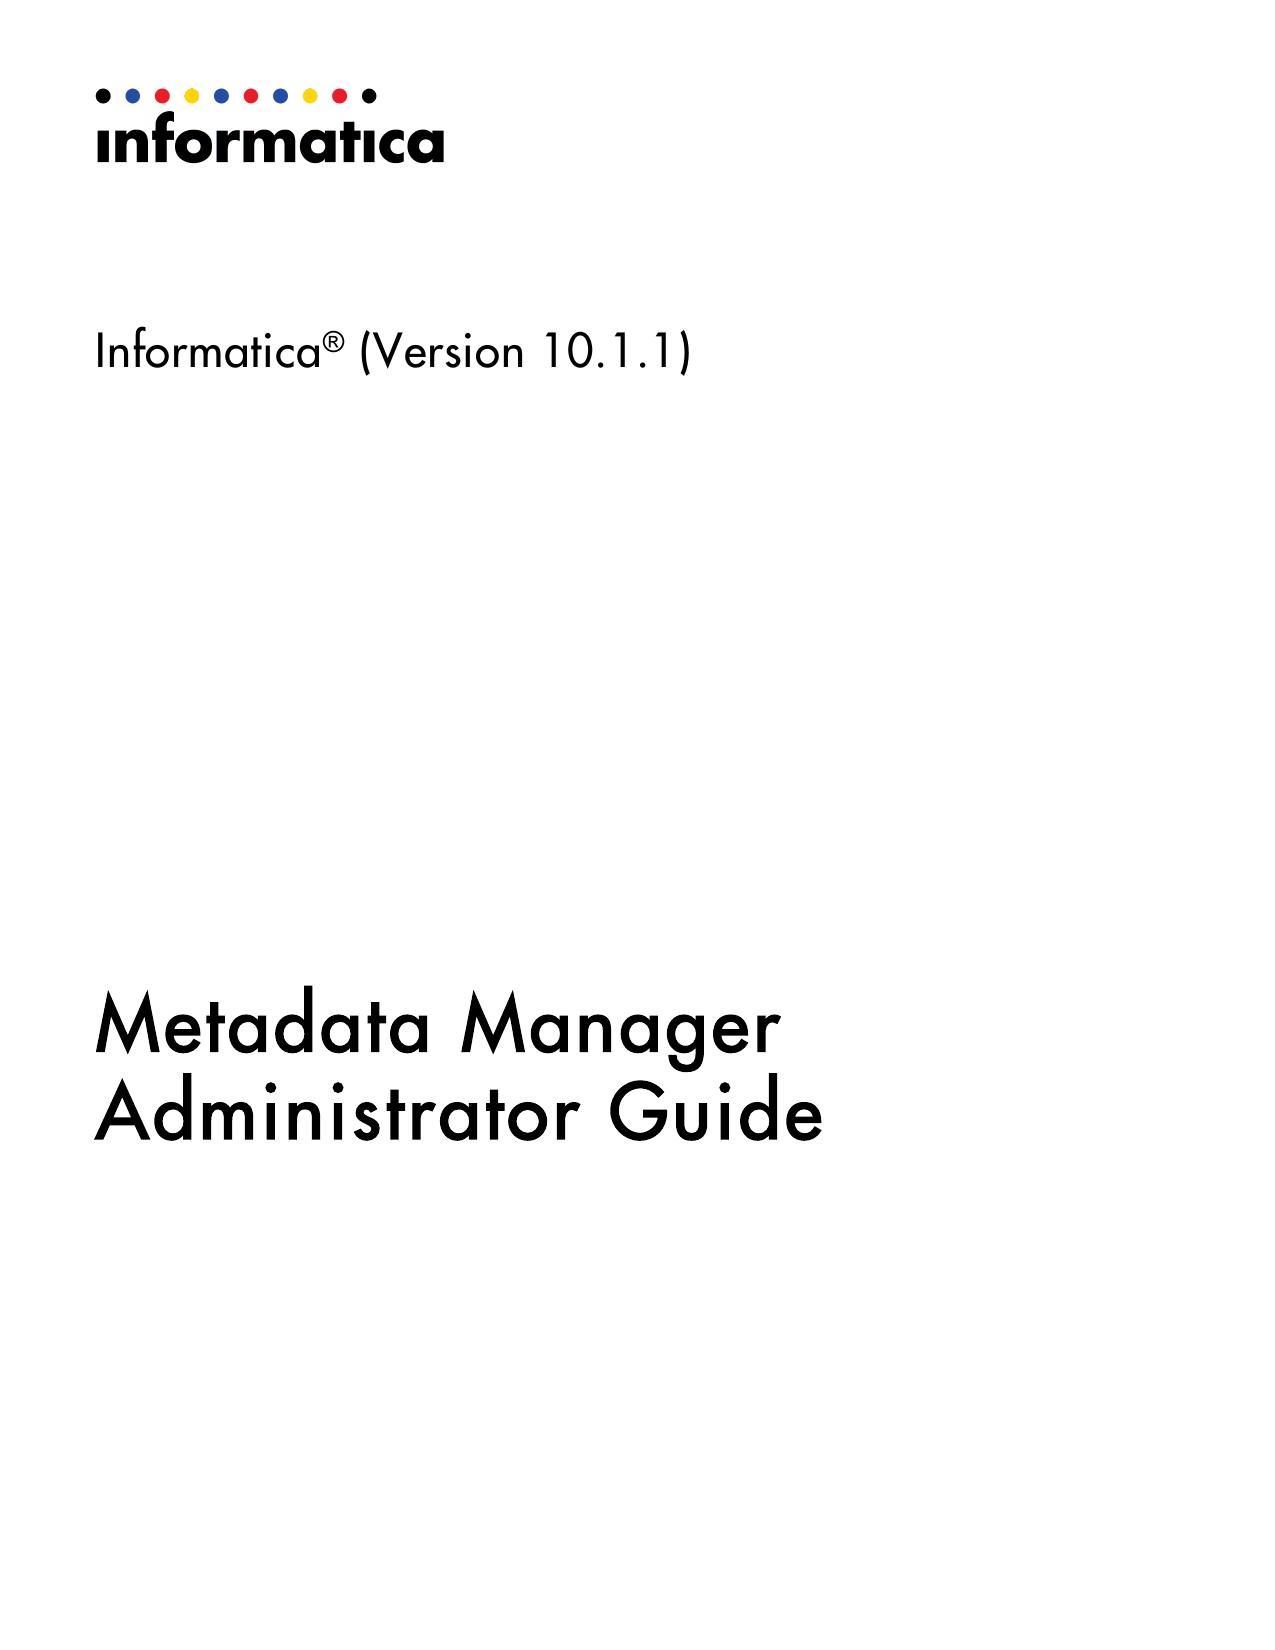 Informatica - 10 1 1 - Metadata Manager Administrator Guide